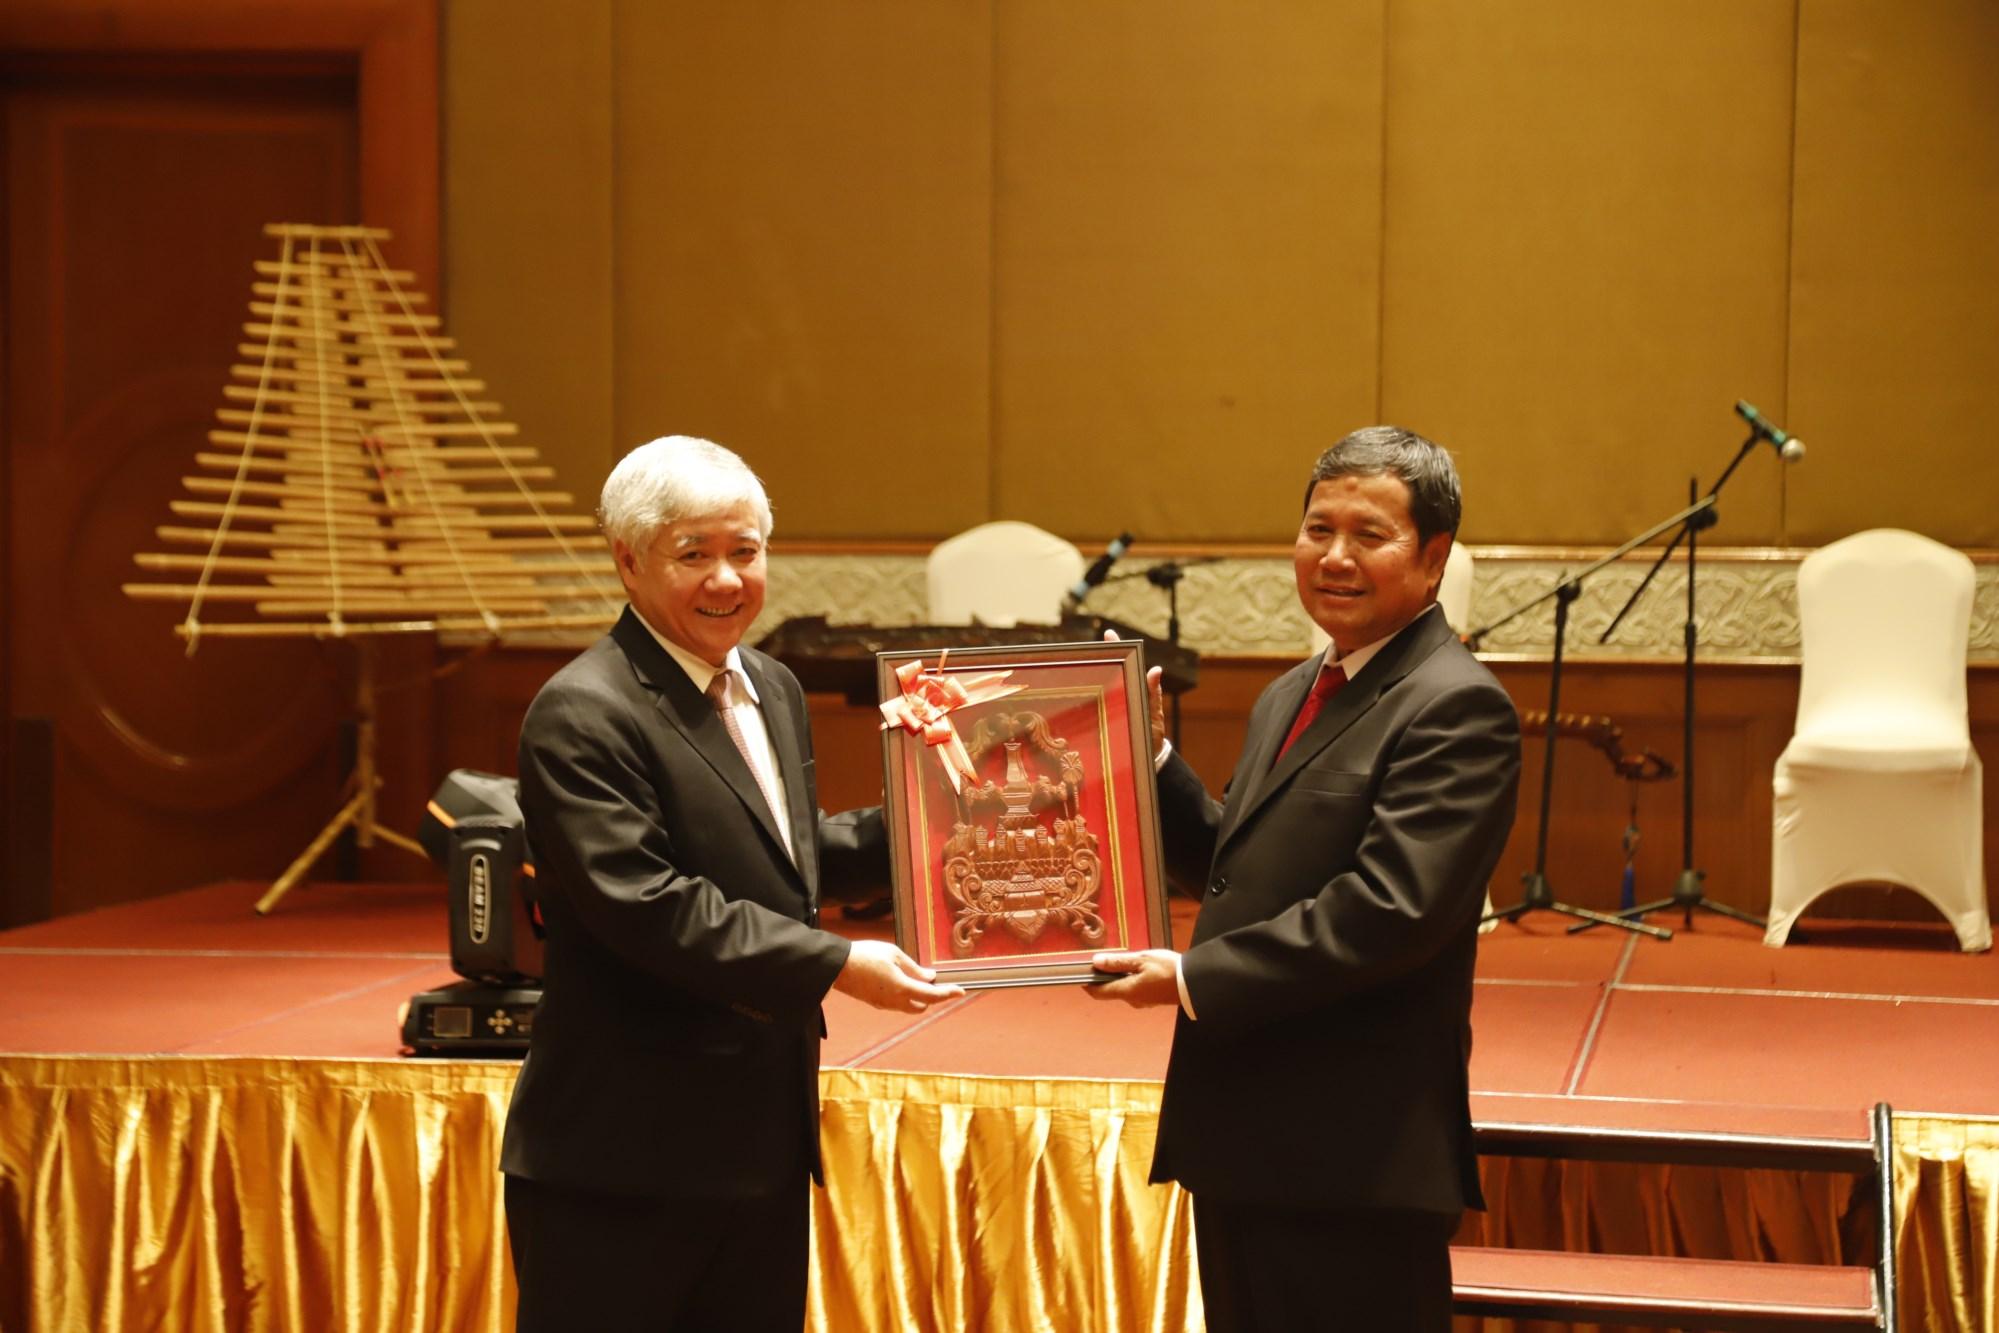 Phó Chủ tịch Ủy ban Trung ương Mặt trận Lào xây dựng đất nước Khăm Bay Đăm Lắt tặng quà lưu niệm cho Bộ trưởng, Chủ nhiệm Ủy ban Dân tộc Đỗ Văn Chiến trong chuyến thăm Việt Nam (tháng 12/2018).